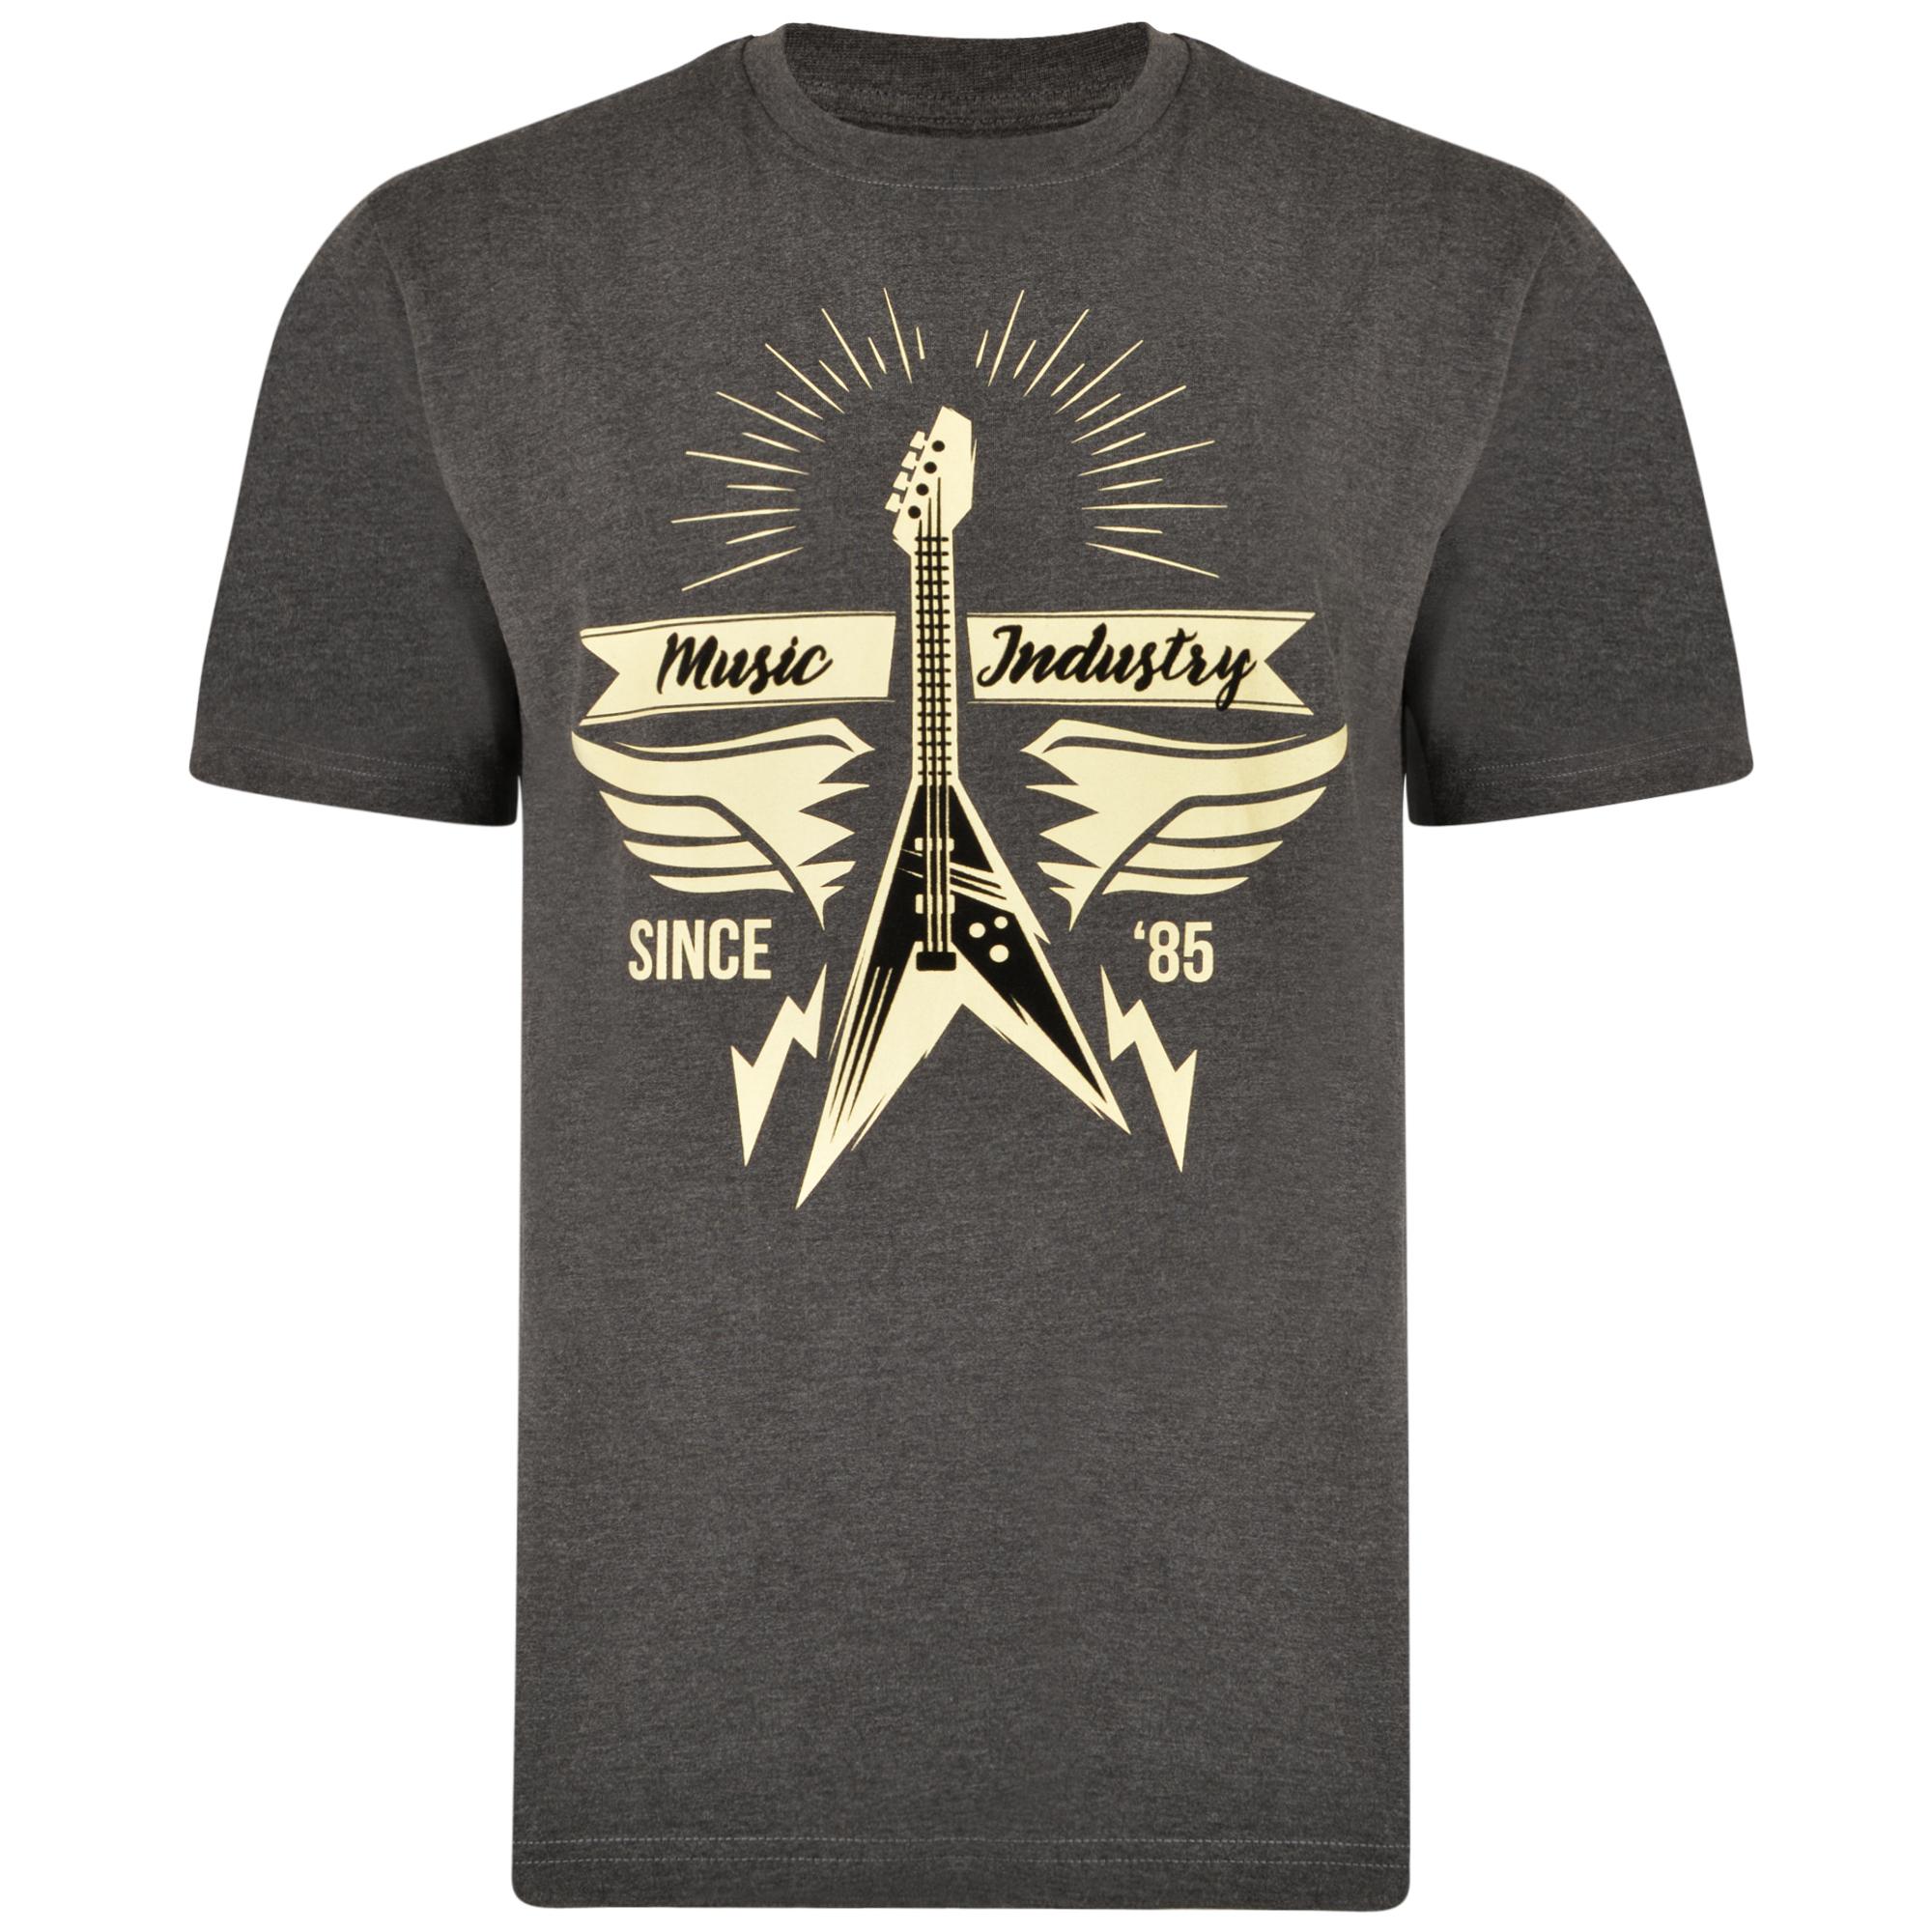 T-shirt van KAM met Music Industry print